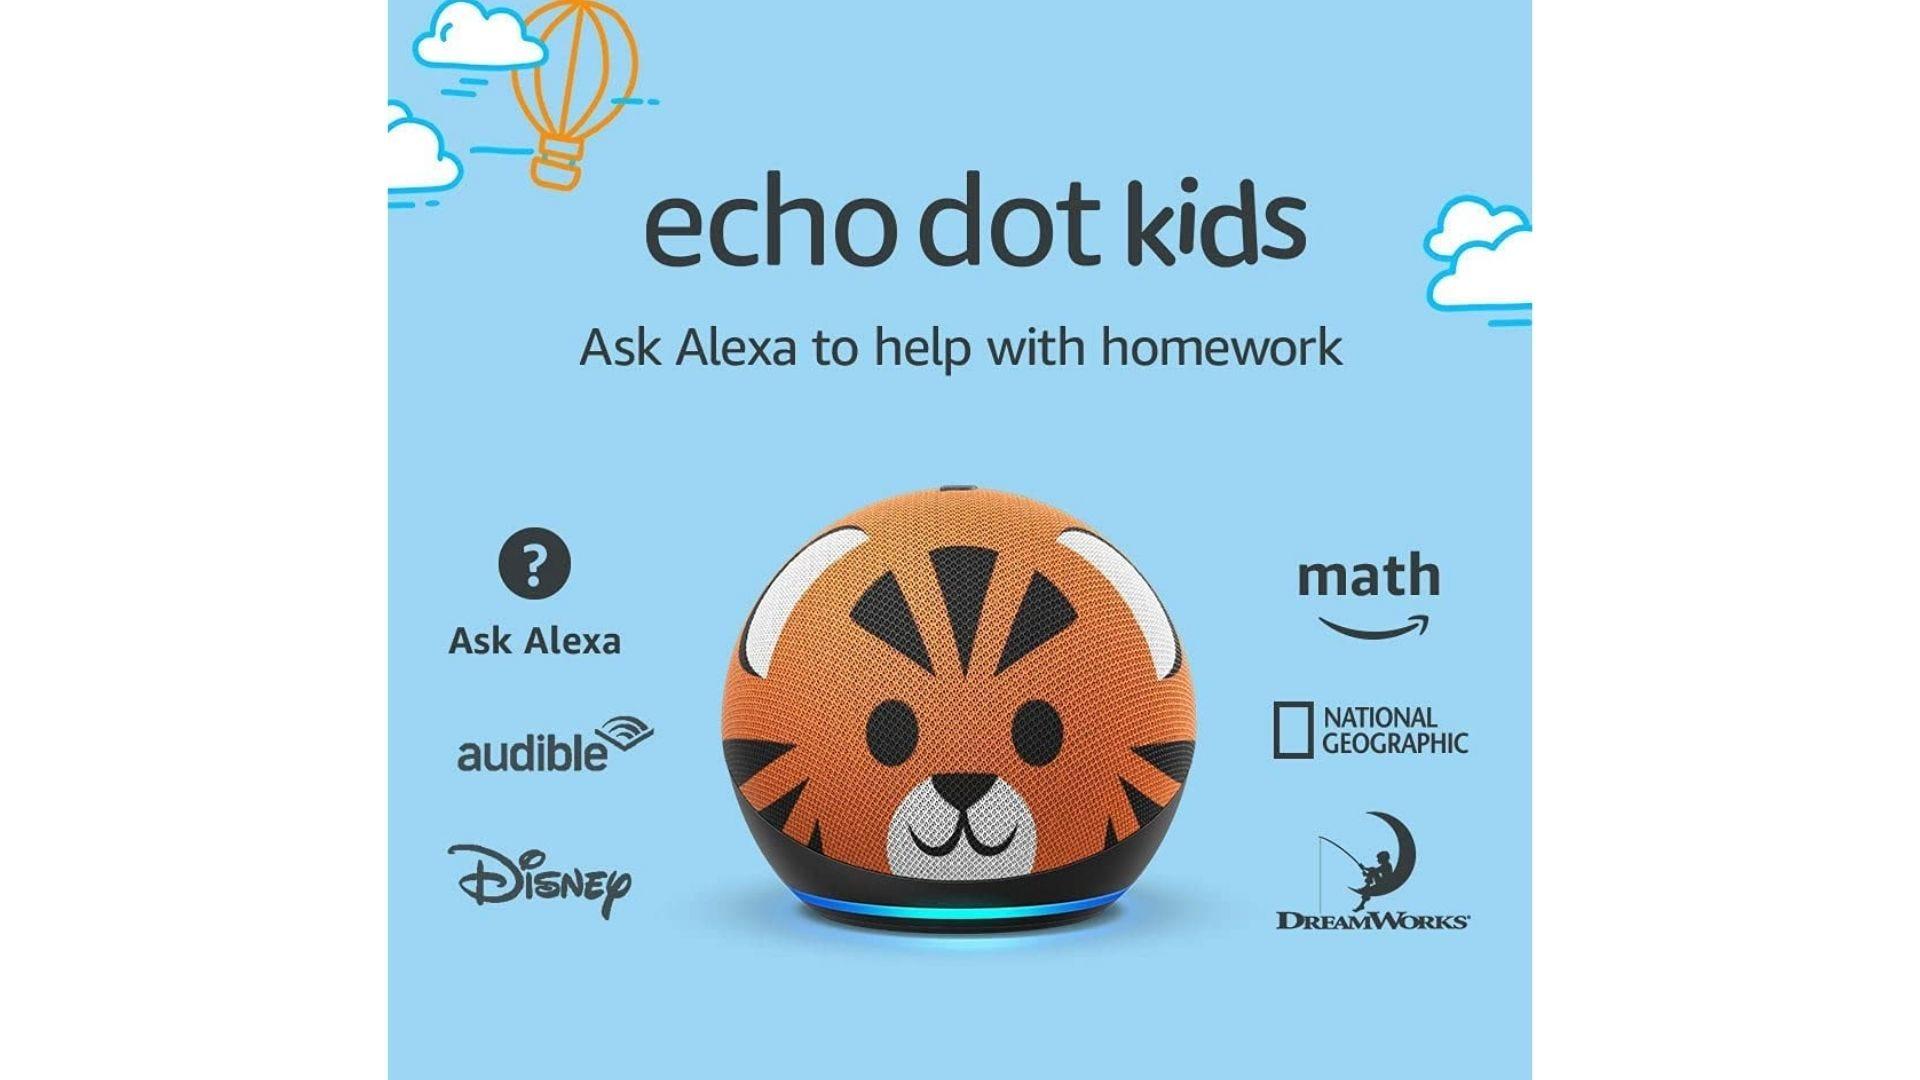 conception de tigre pour enfants amazon echo dot